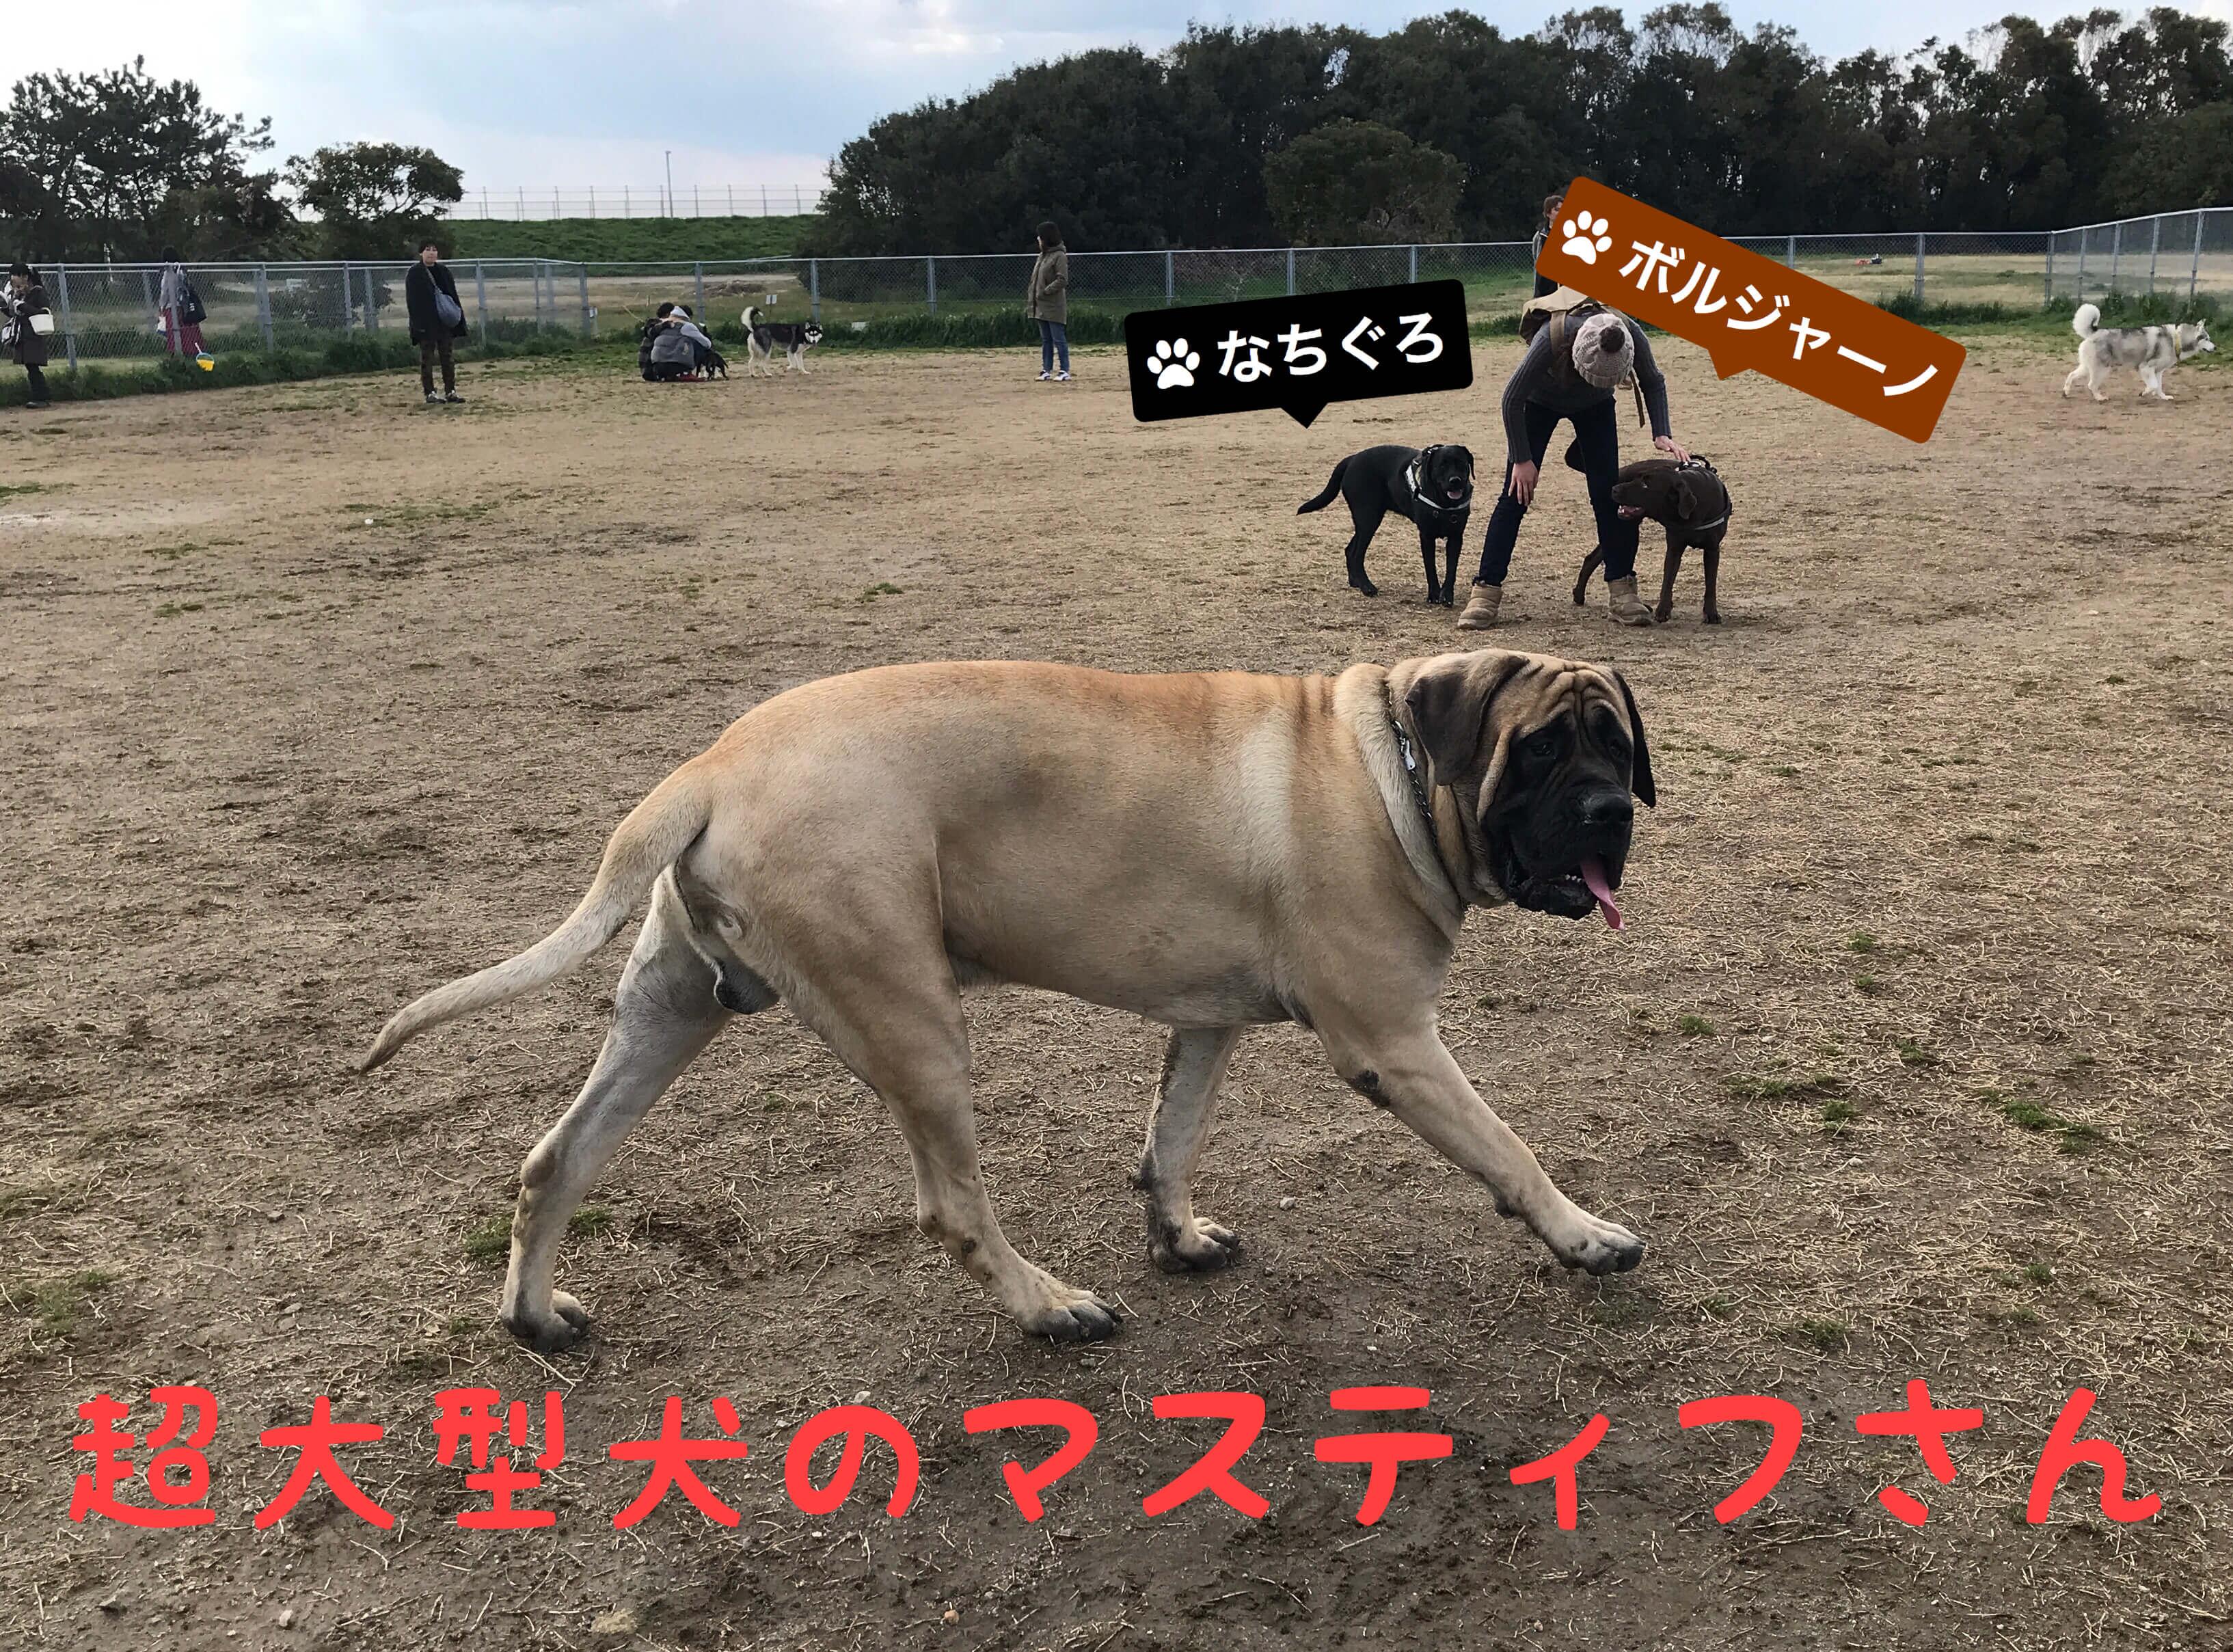 海とのふれあい広場 ドッグラン 超大型犬にマスティフさん なちぐろ ボルジャーノ